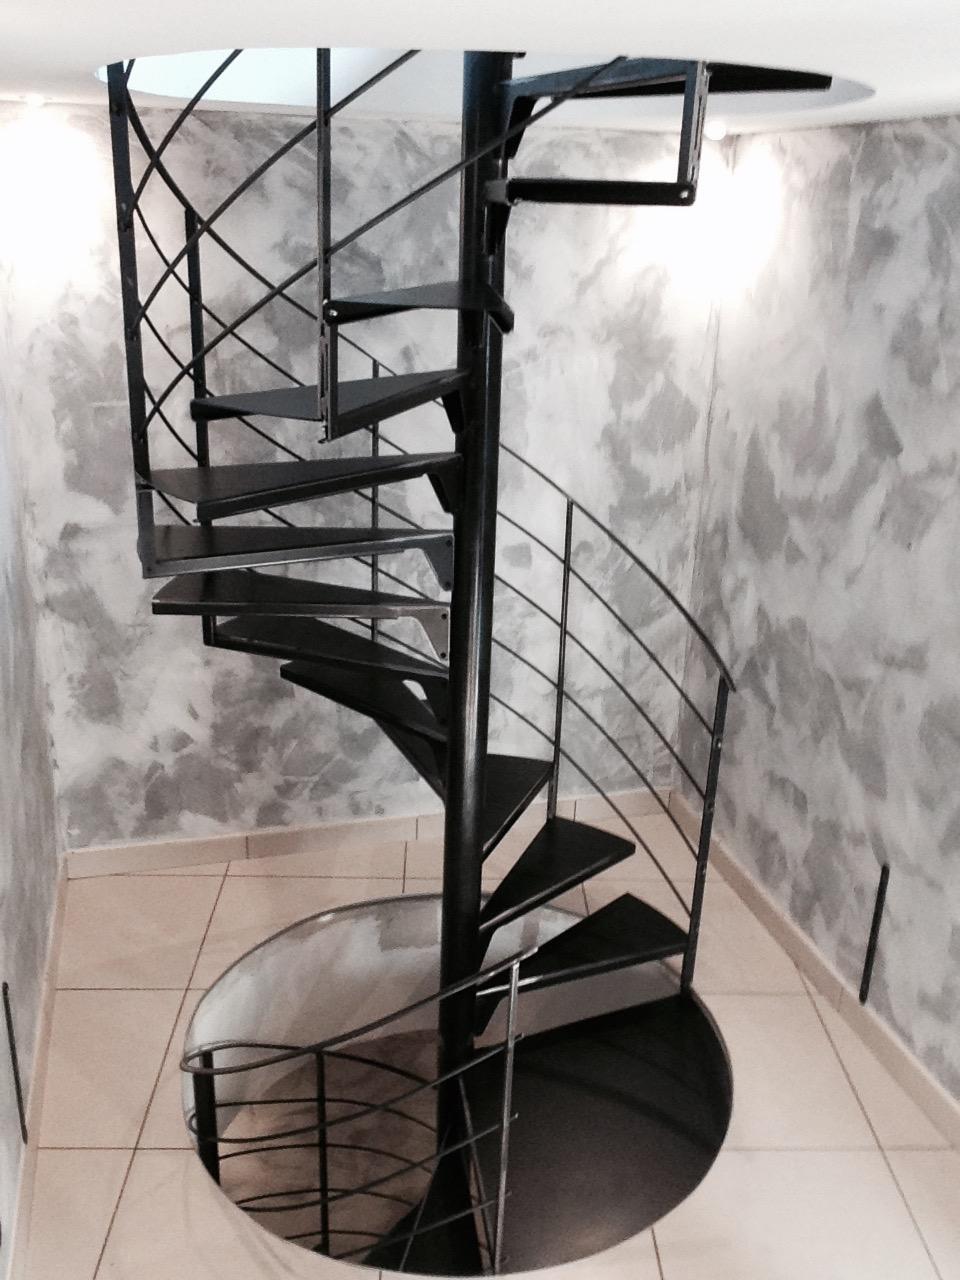 Escalier Helicoidal Metal Design Calade Design